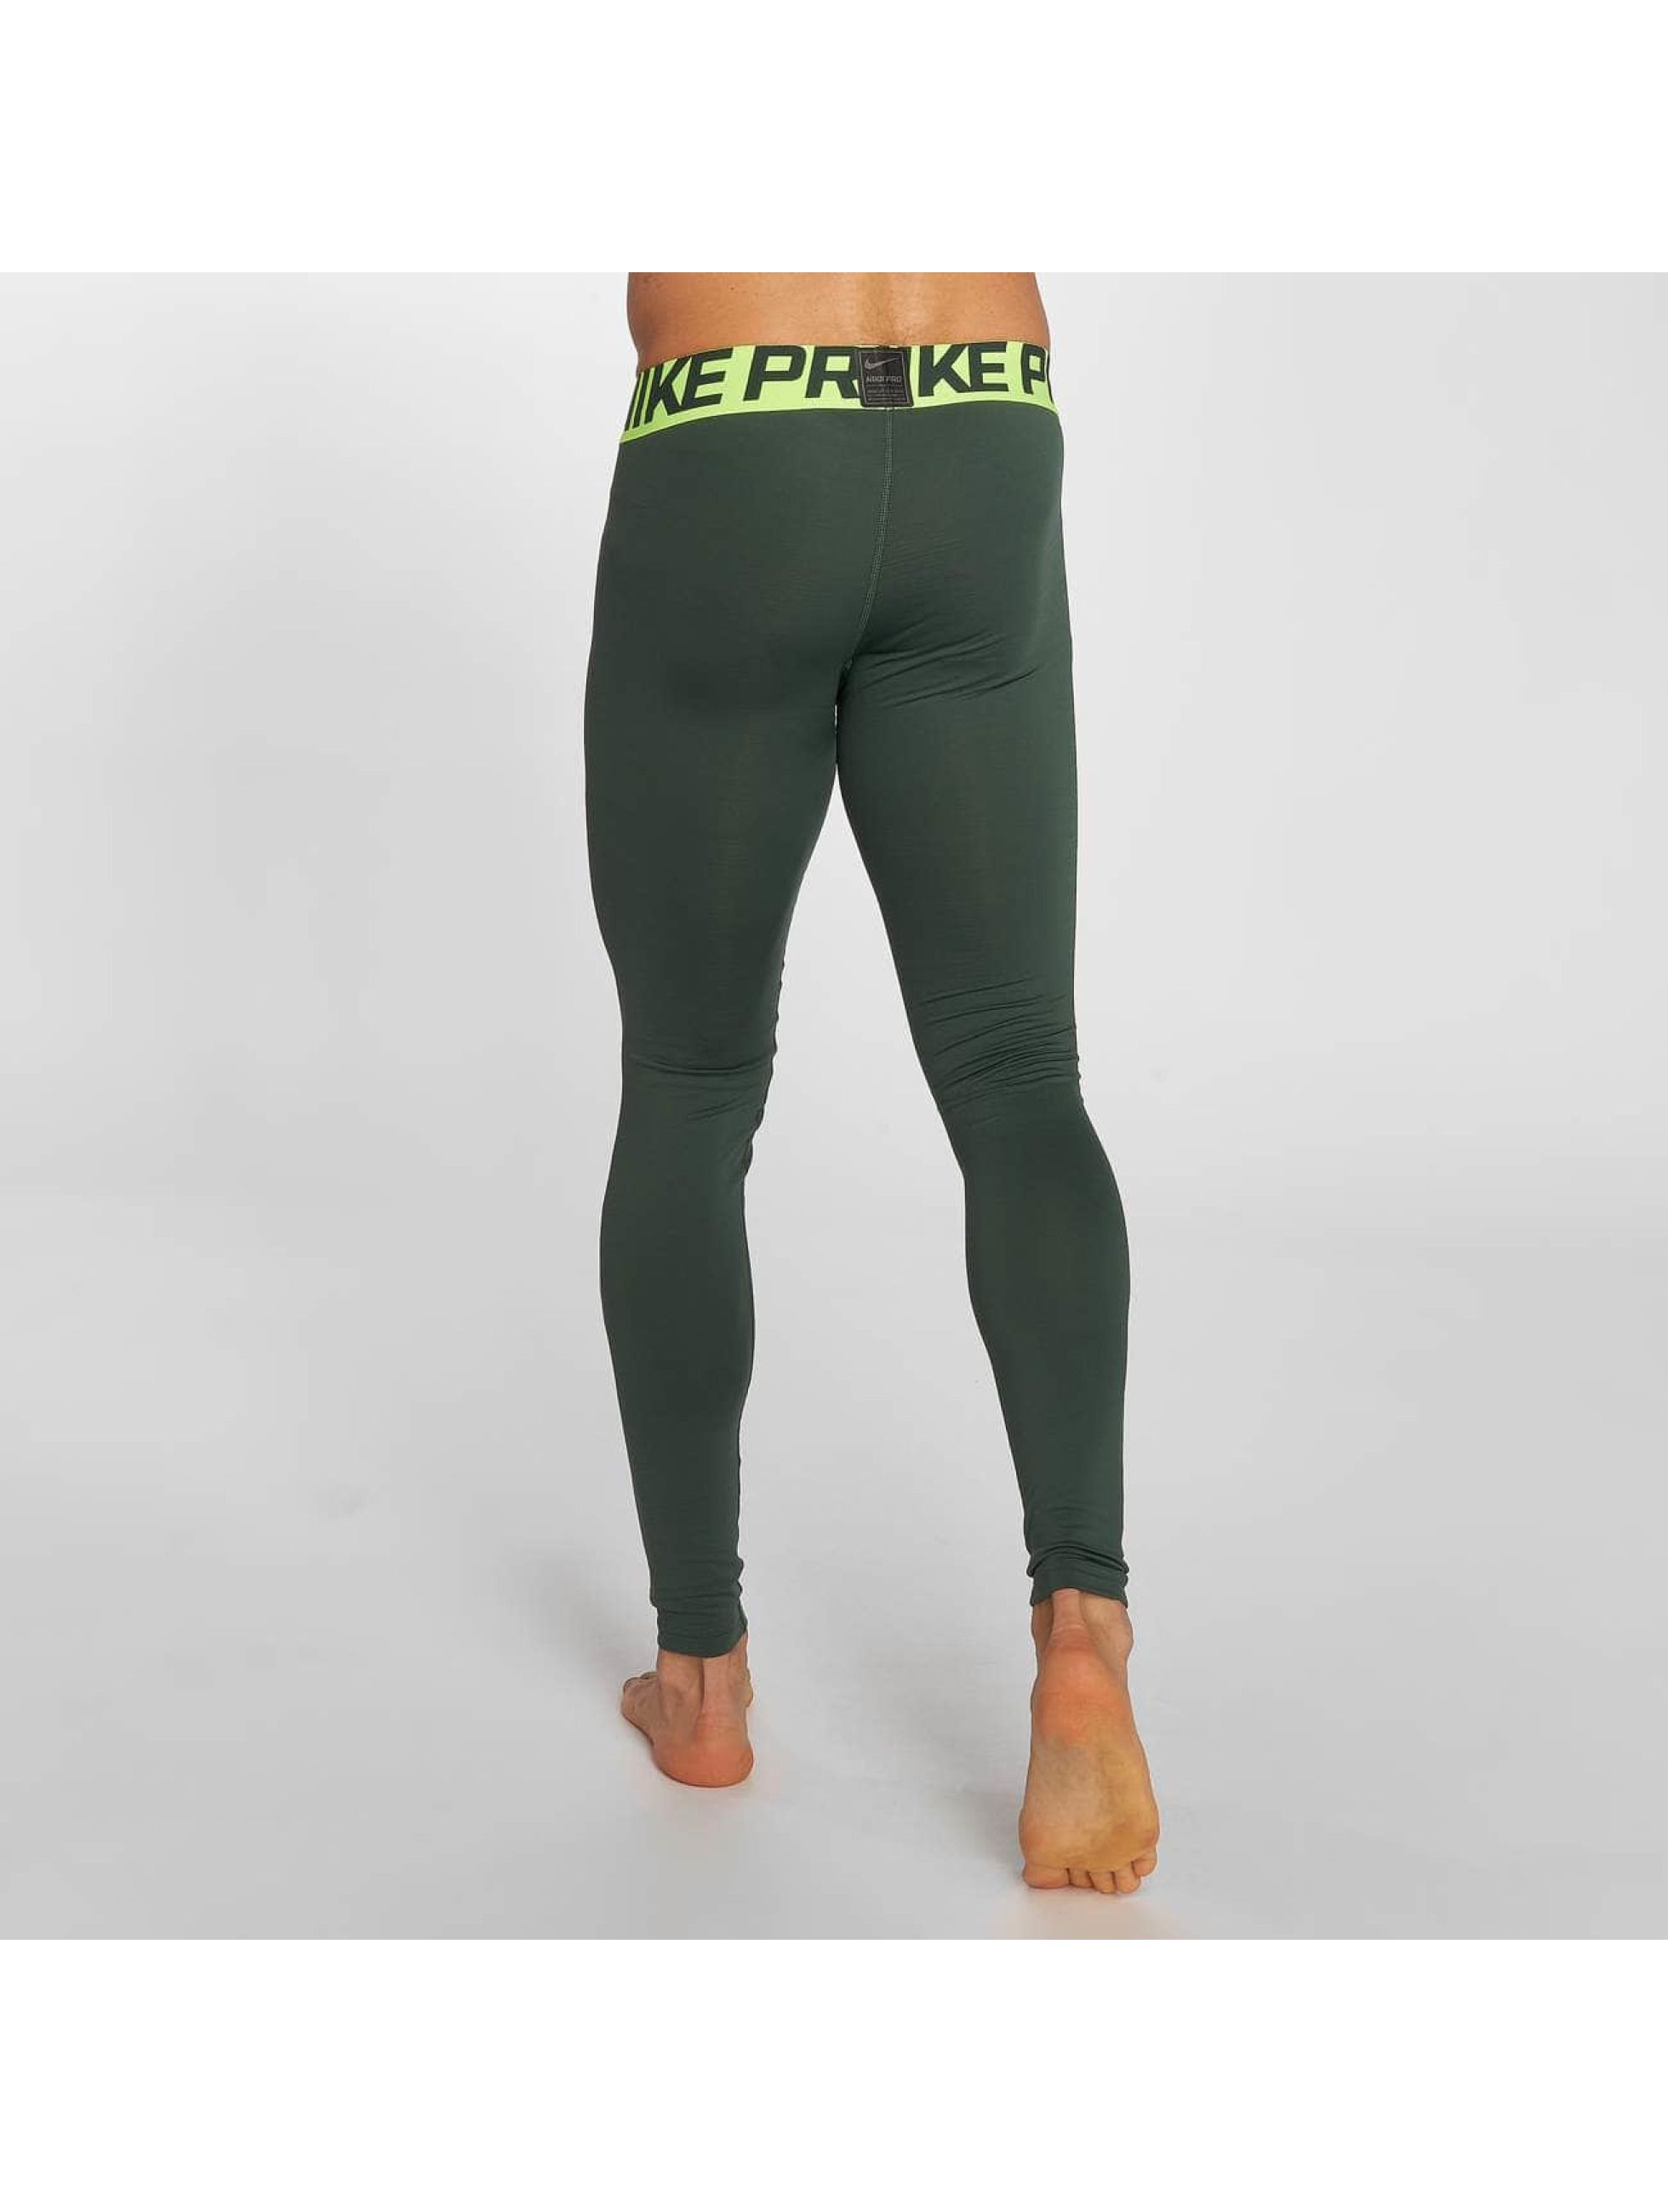 Nike Performance Legging Pro Warm olive